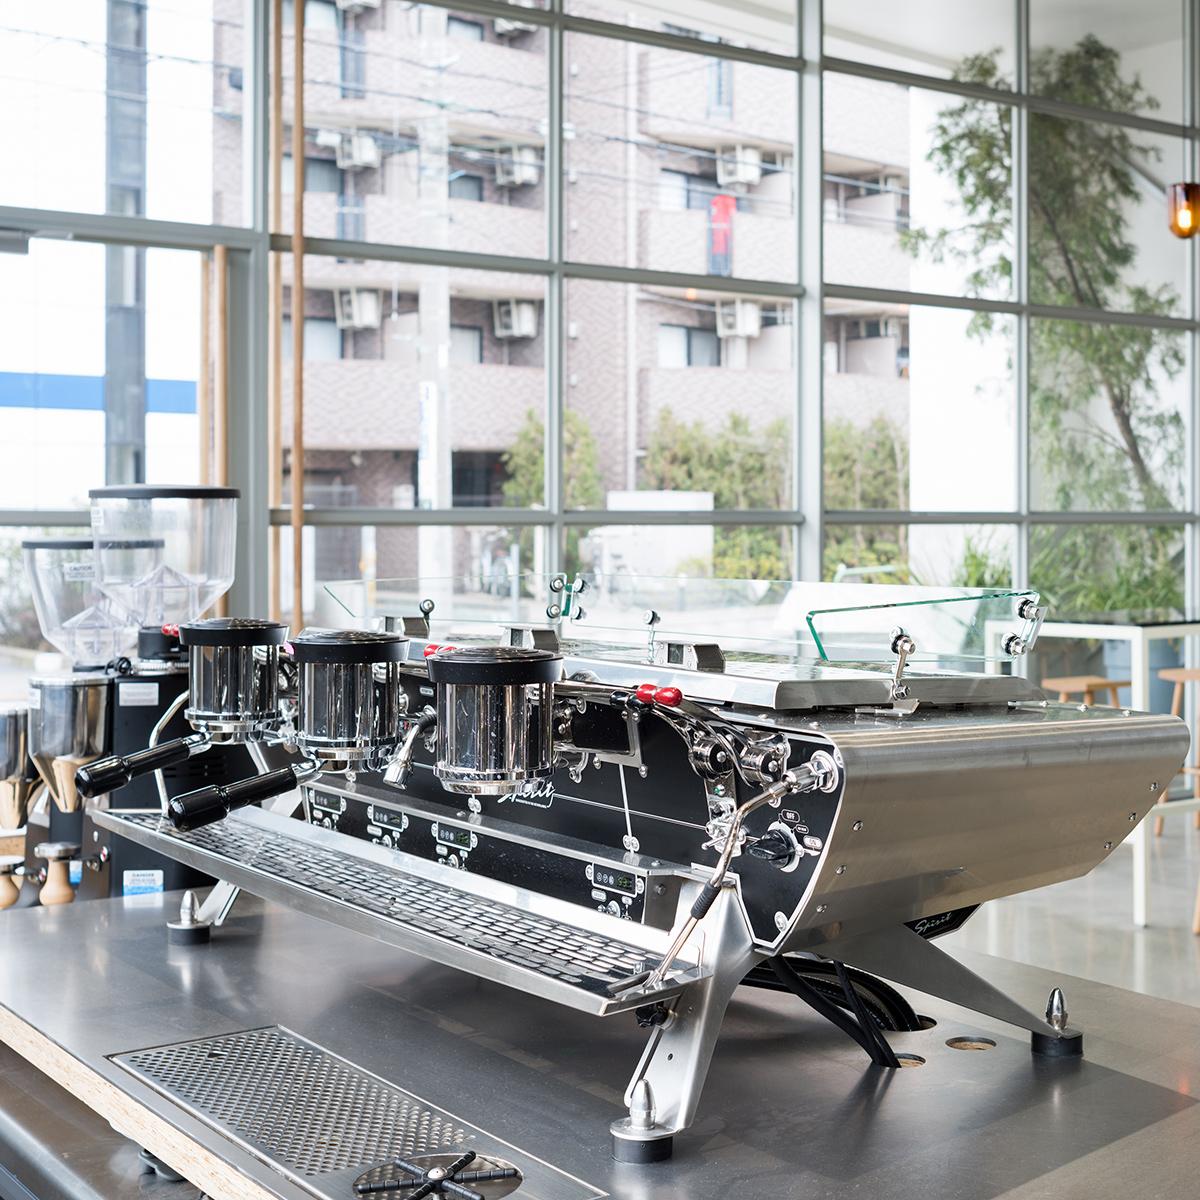 店内にある大型のコーヒーマシーン、エスプレッソなどを抽出するKees van der Westen社の「Spirit」が目を惹く。